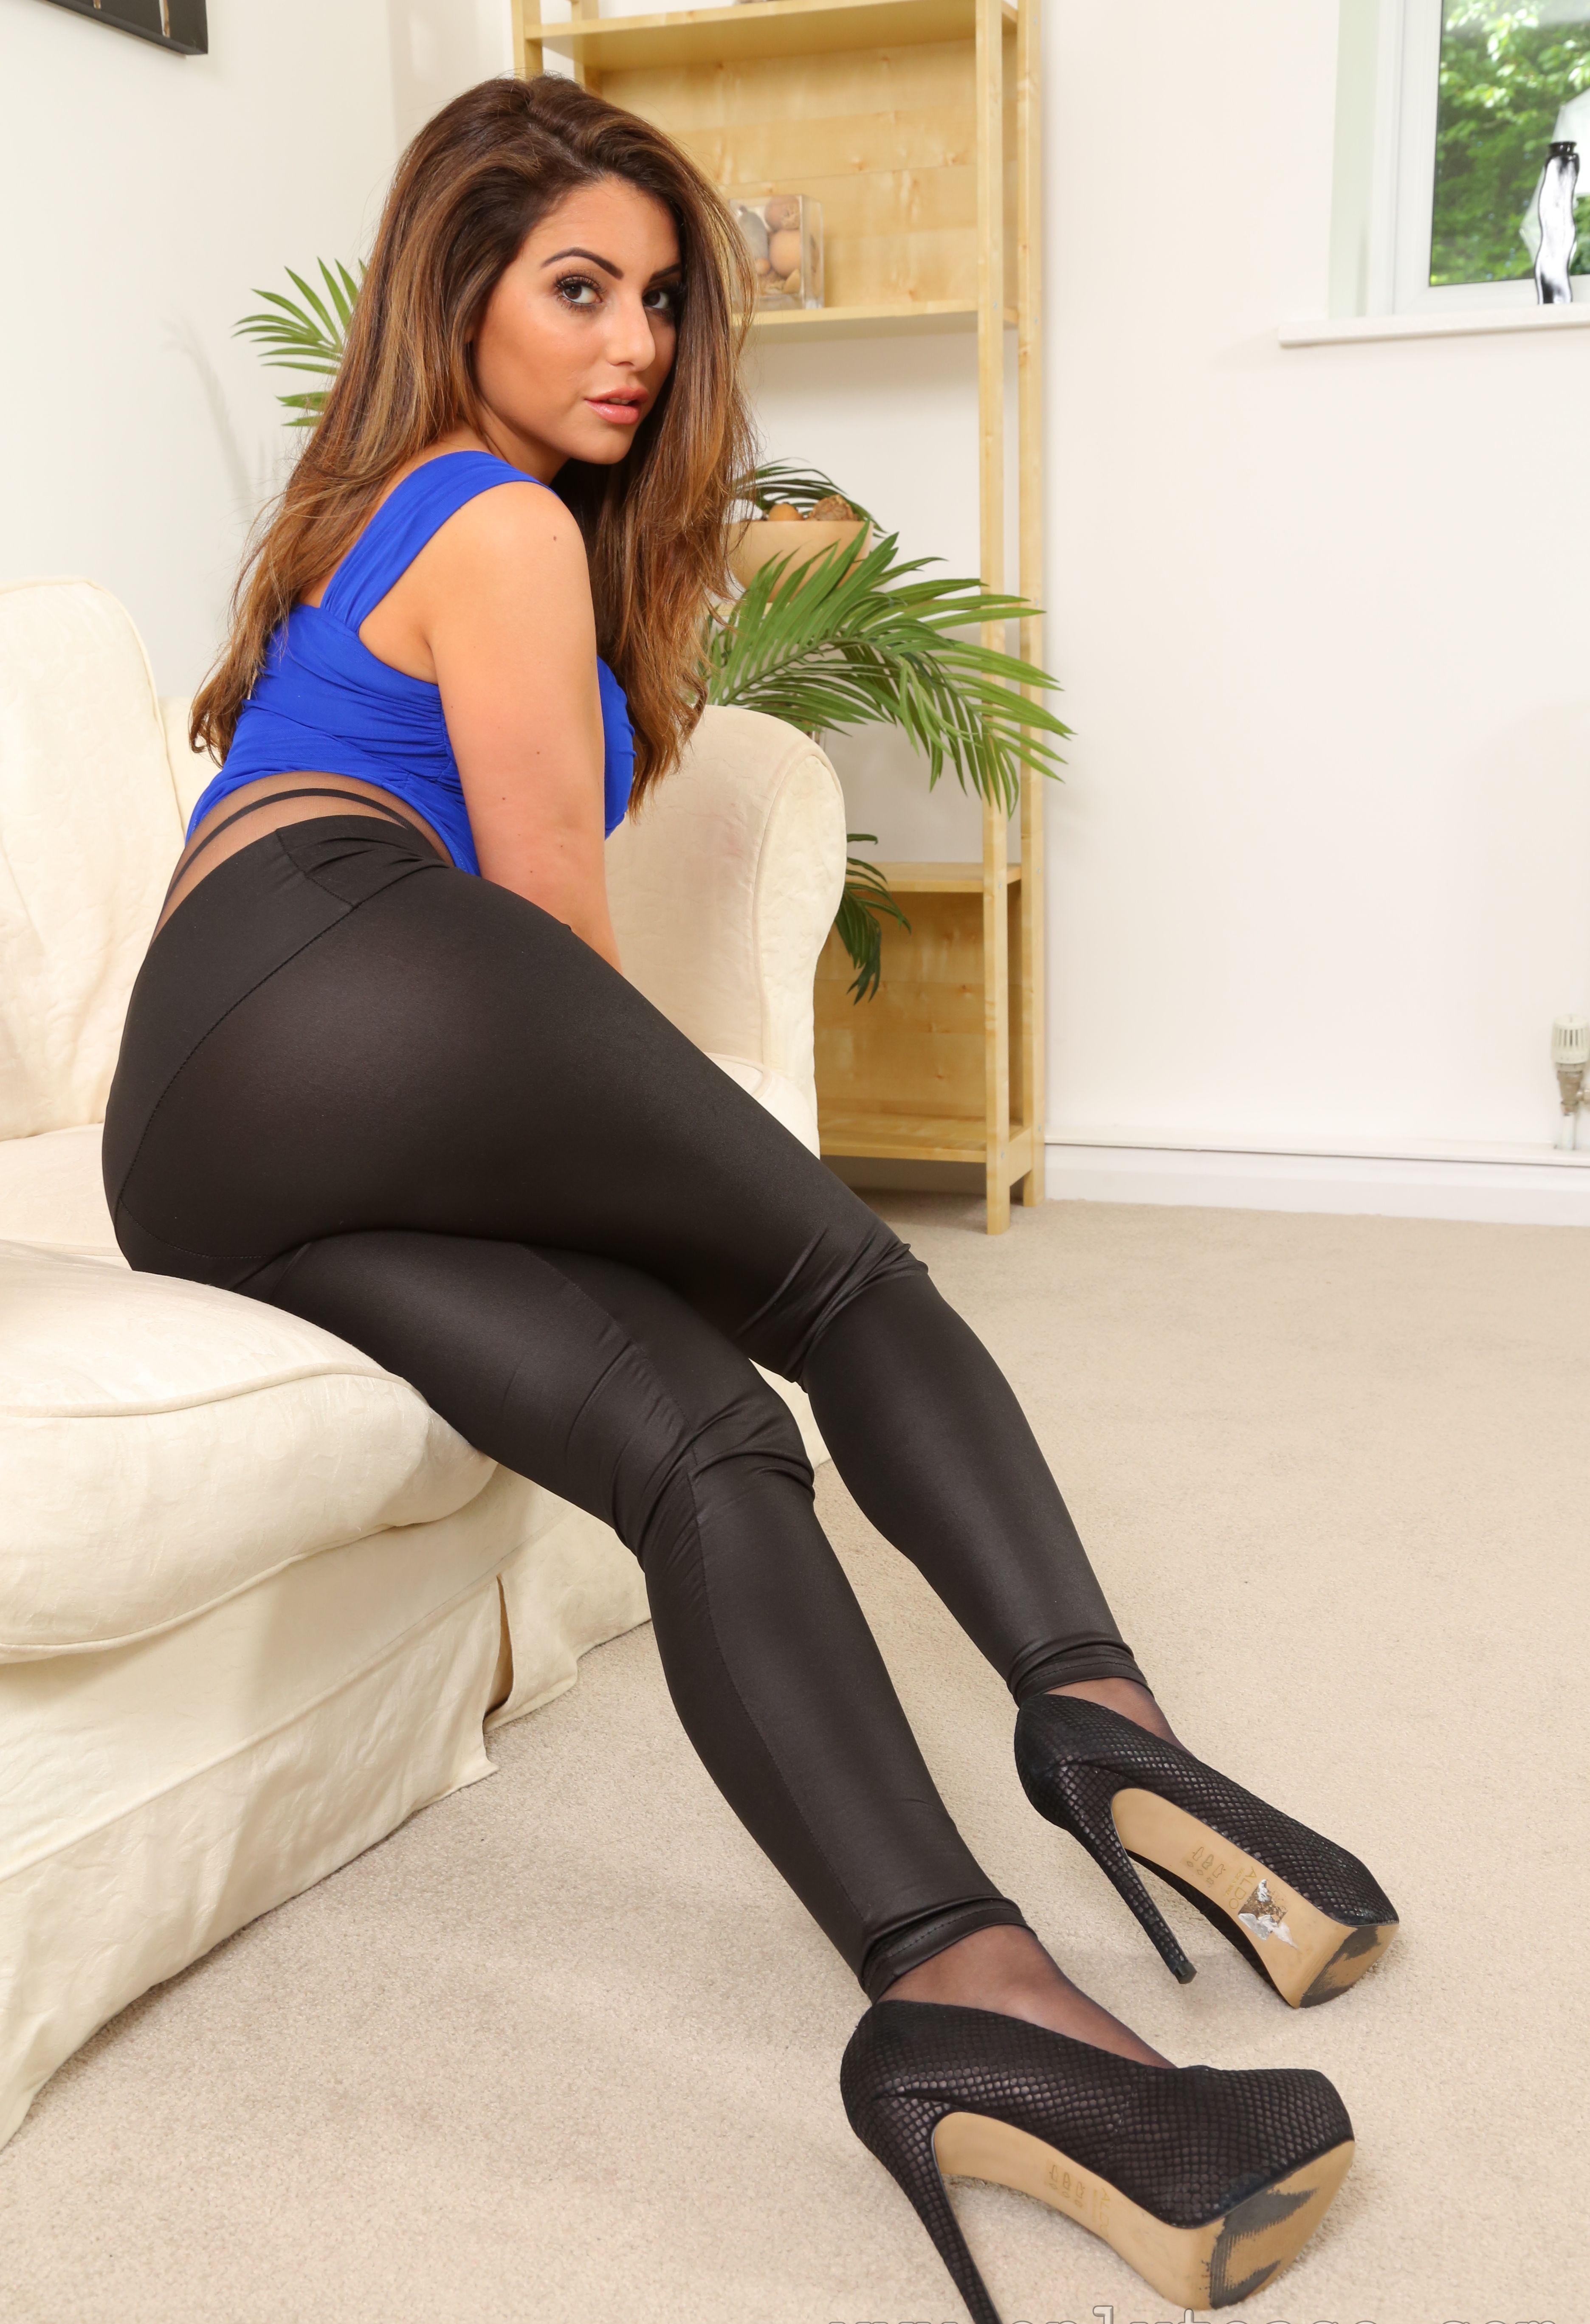 Love cum sexy leggings porno sure